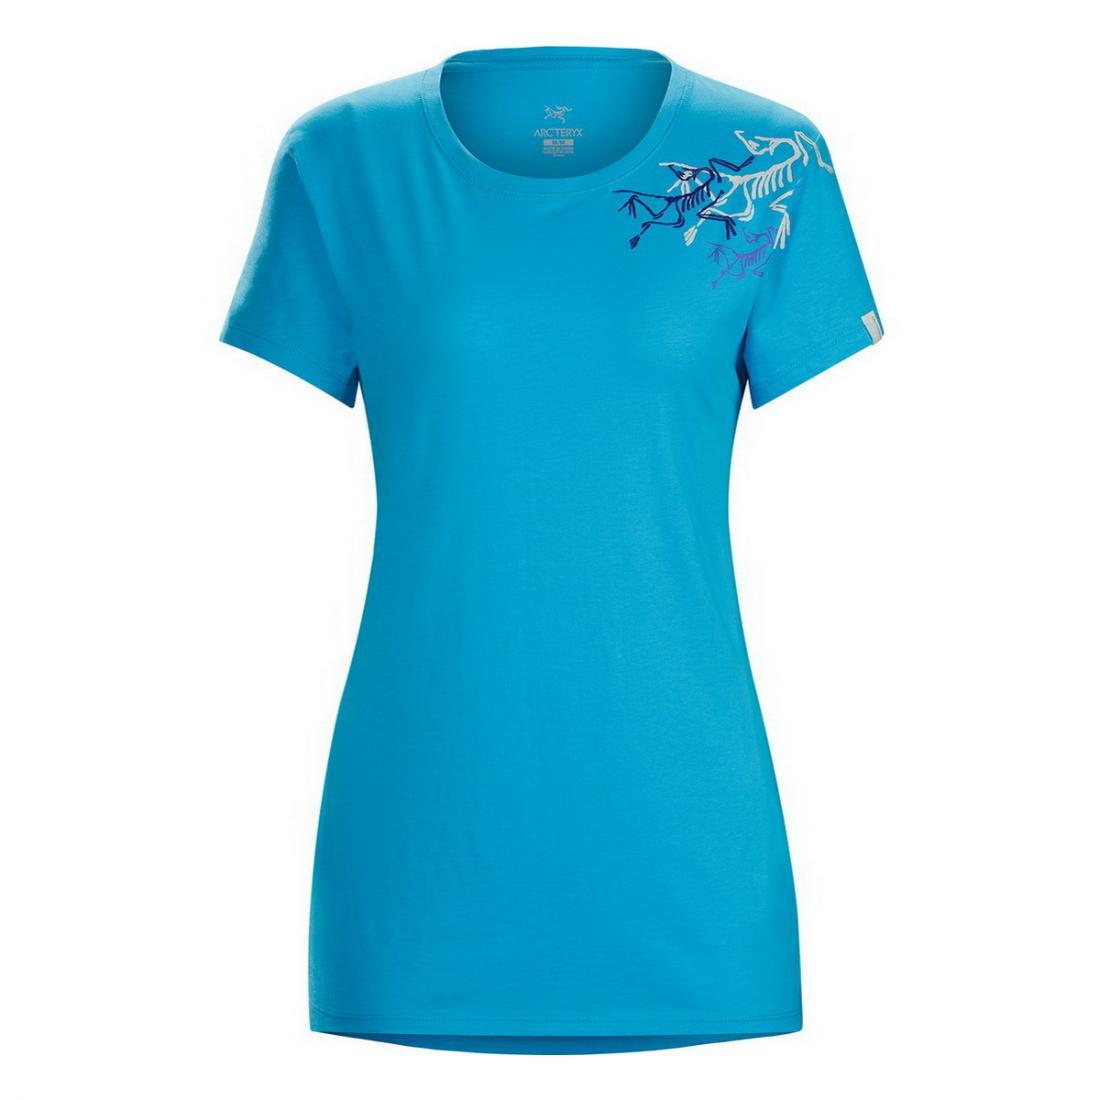 Футболка Bird Trio SS T-Shirt жен.Футболки, поло<br><br> Женская футболка Arcteryx Bird Trio с принтом, расположенным на плече и круглым вырезом изготовлена из натурального хлопка. Этот легкий, гигиен...<br><br>Цвет: Голубой<br>Размер: M